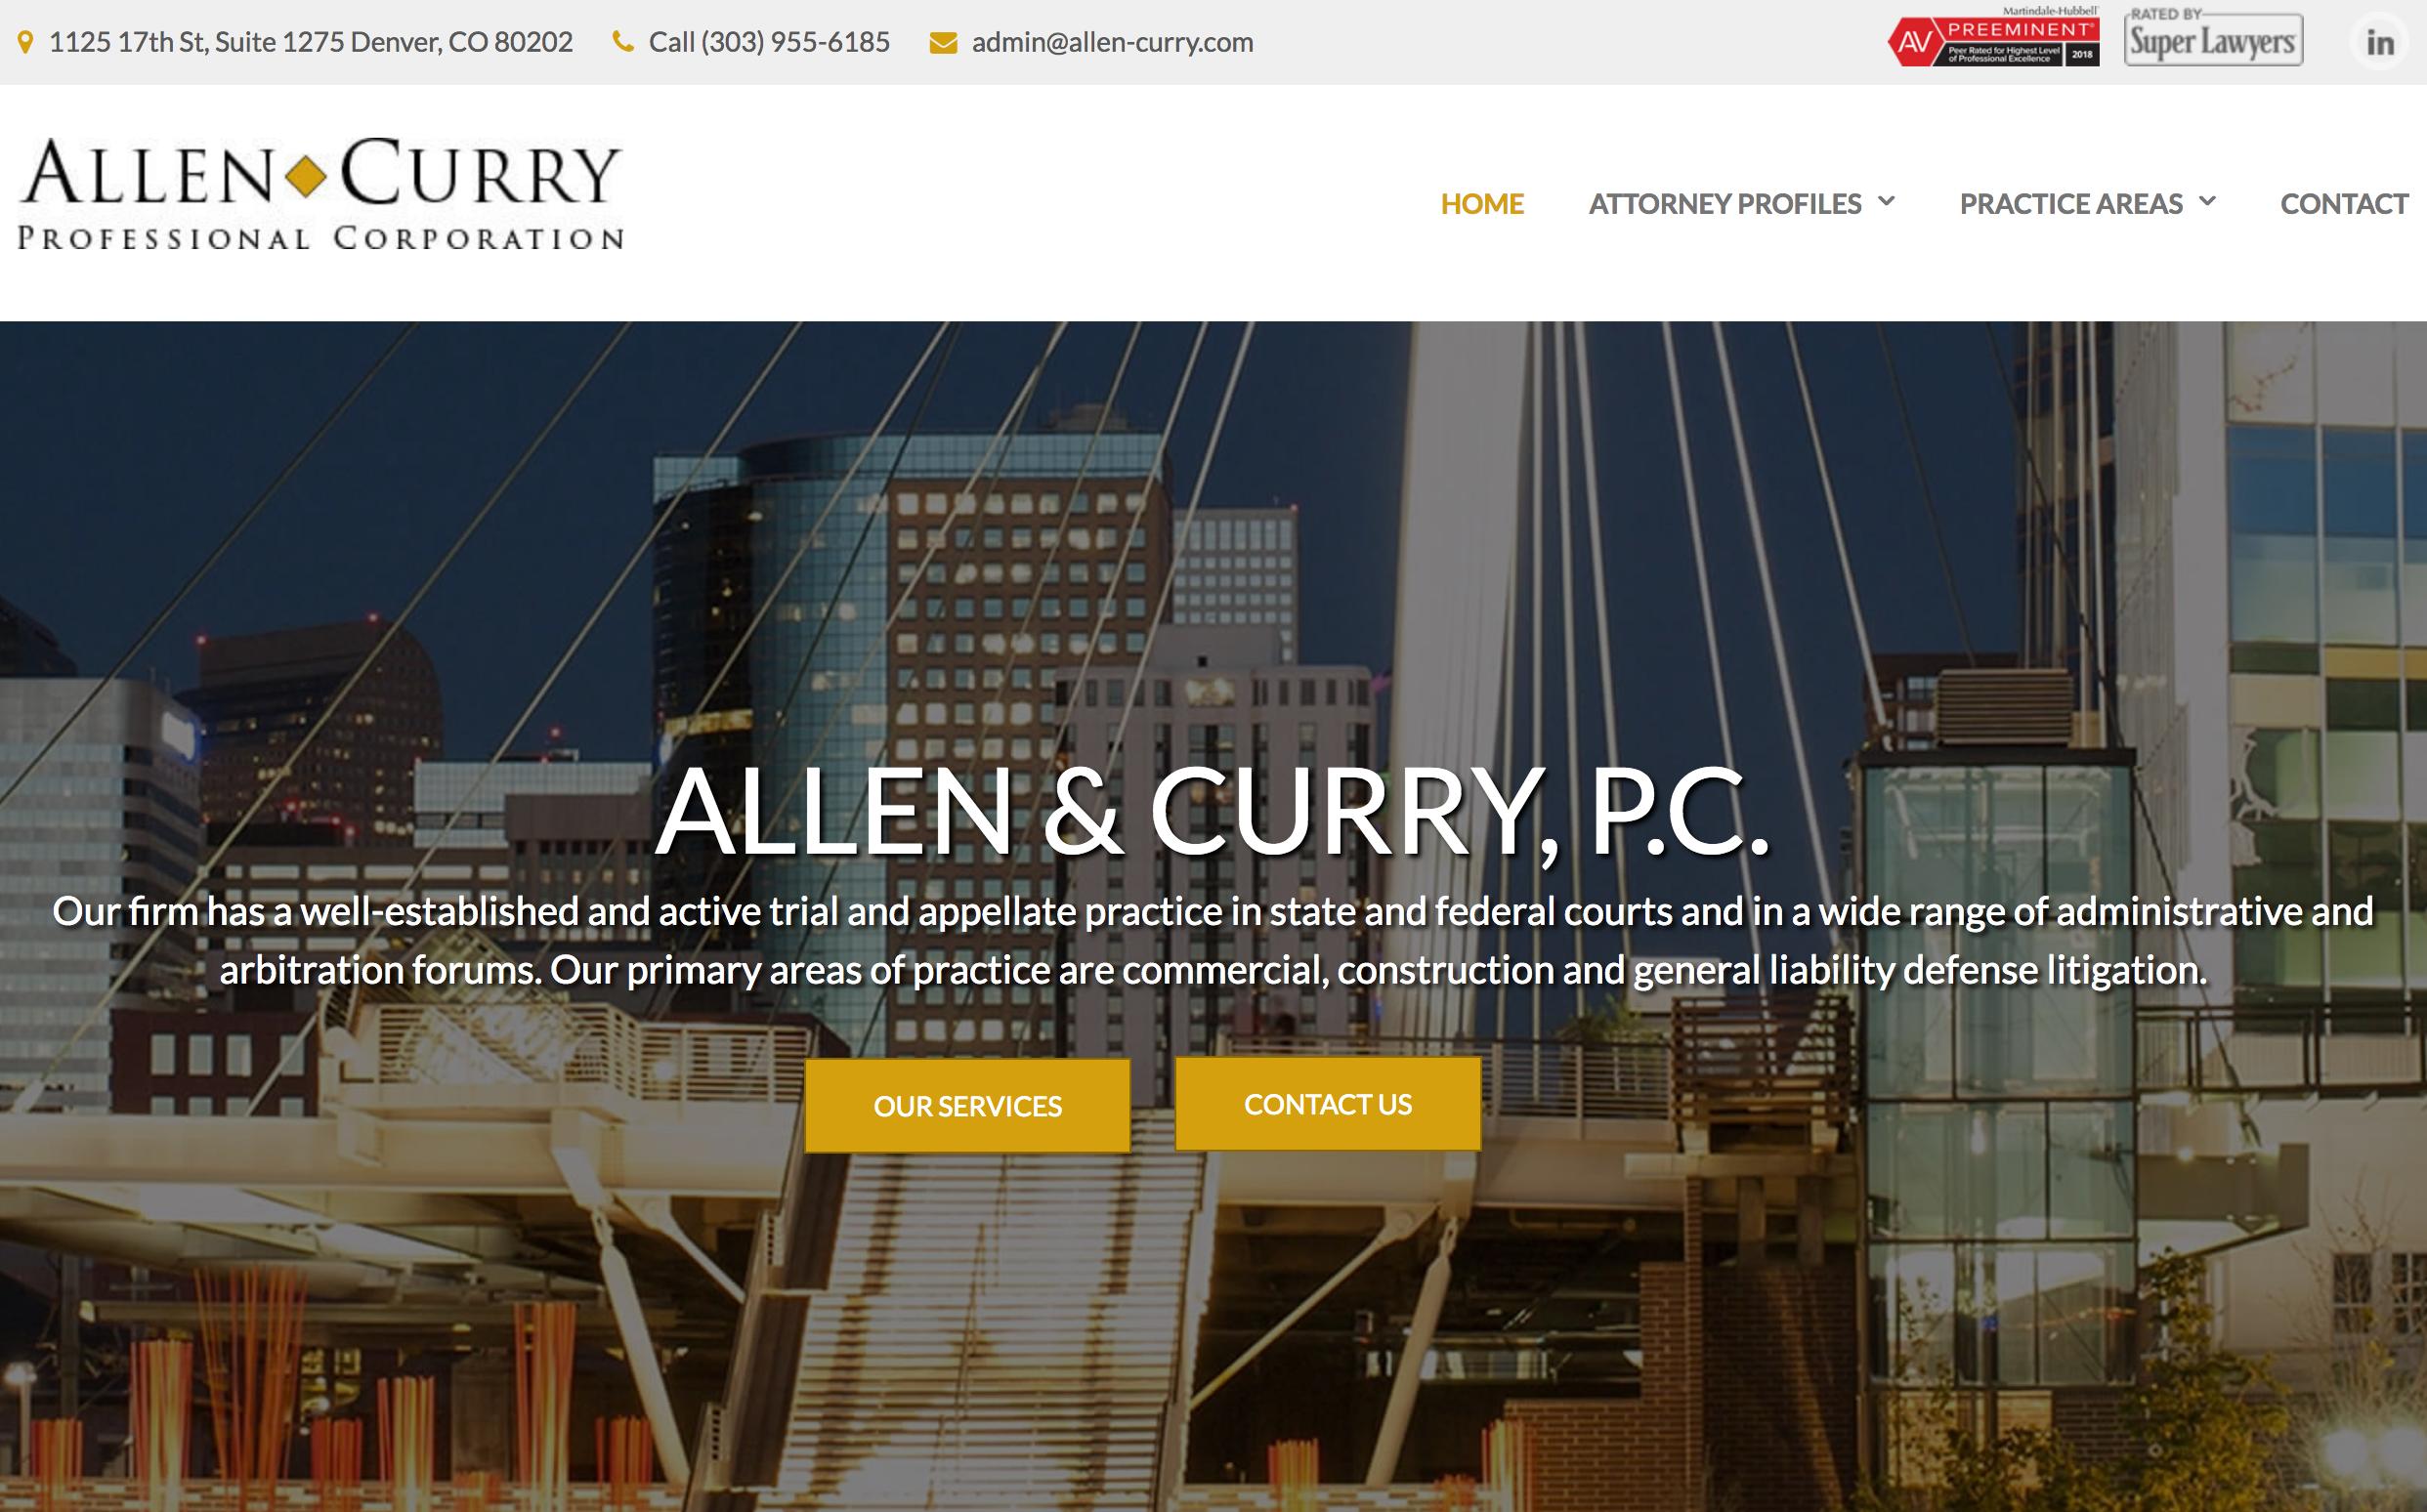 Visit Allen Curry